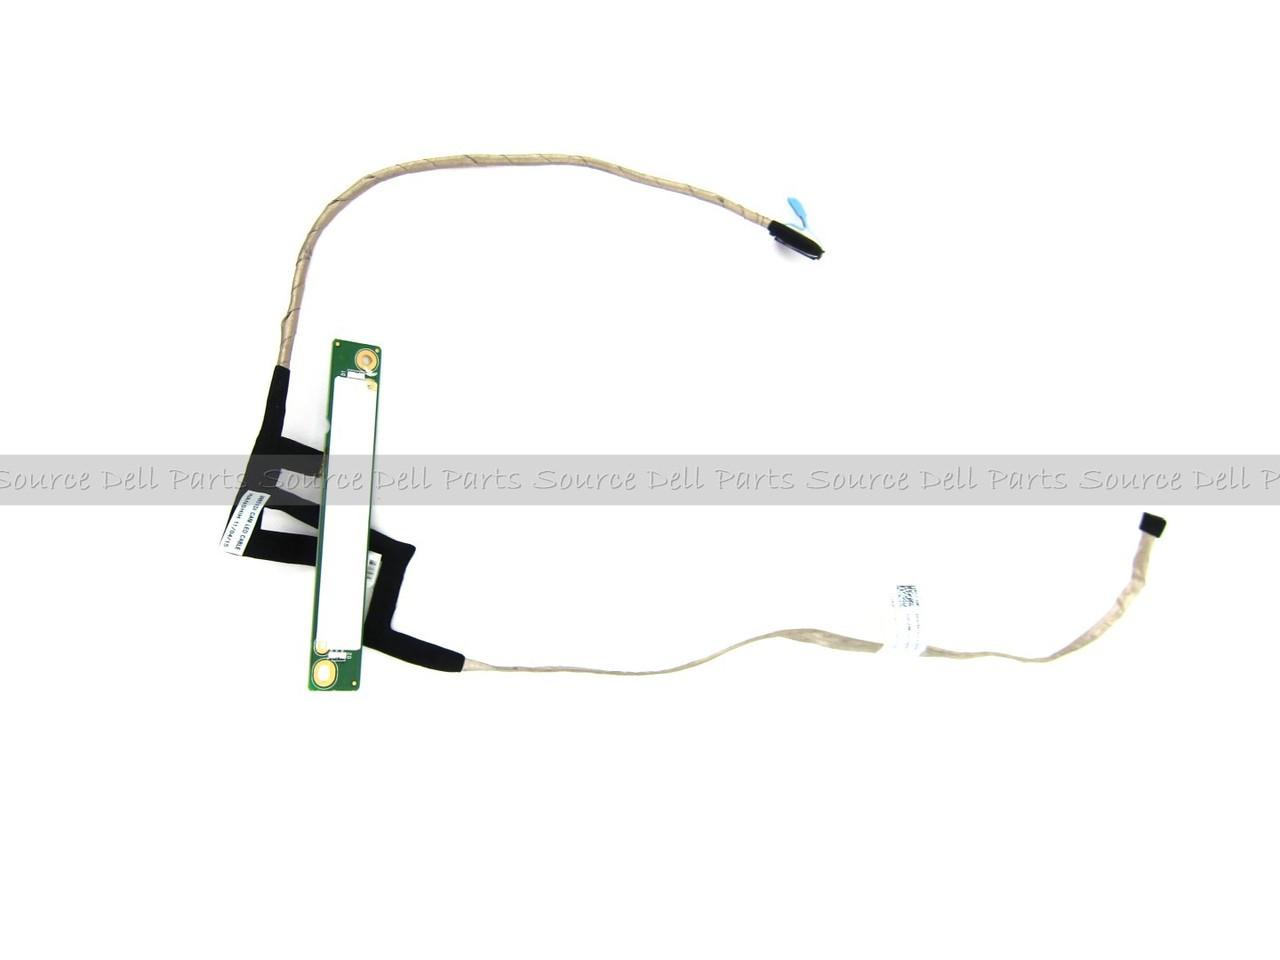 Alienware M17x Webcam Cable / LED Cable - 17WVX